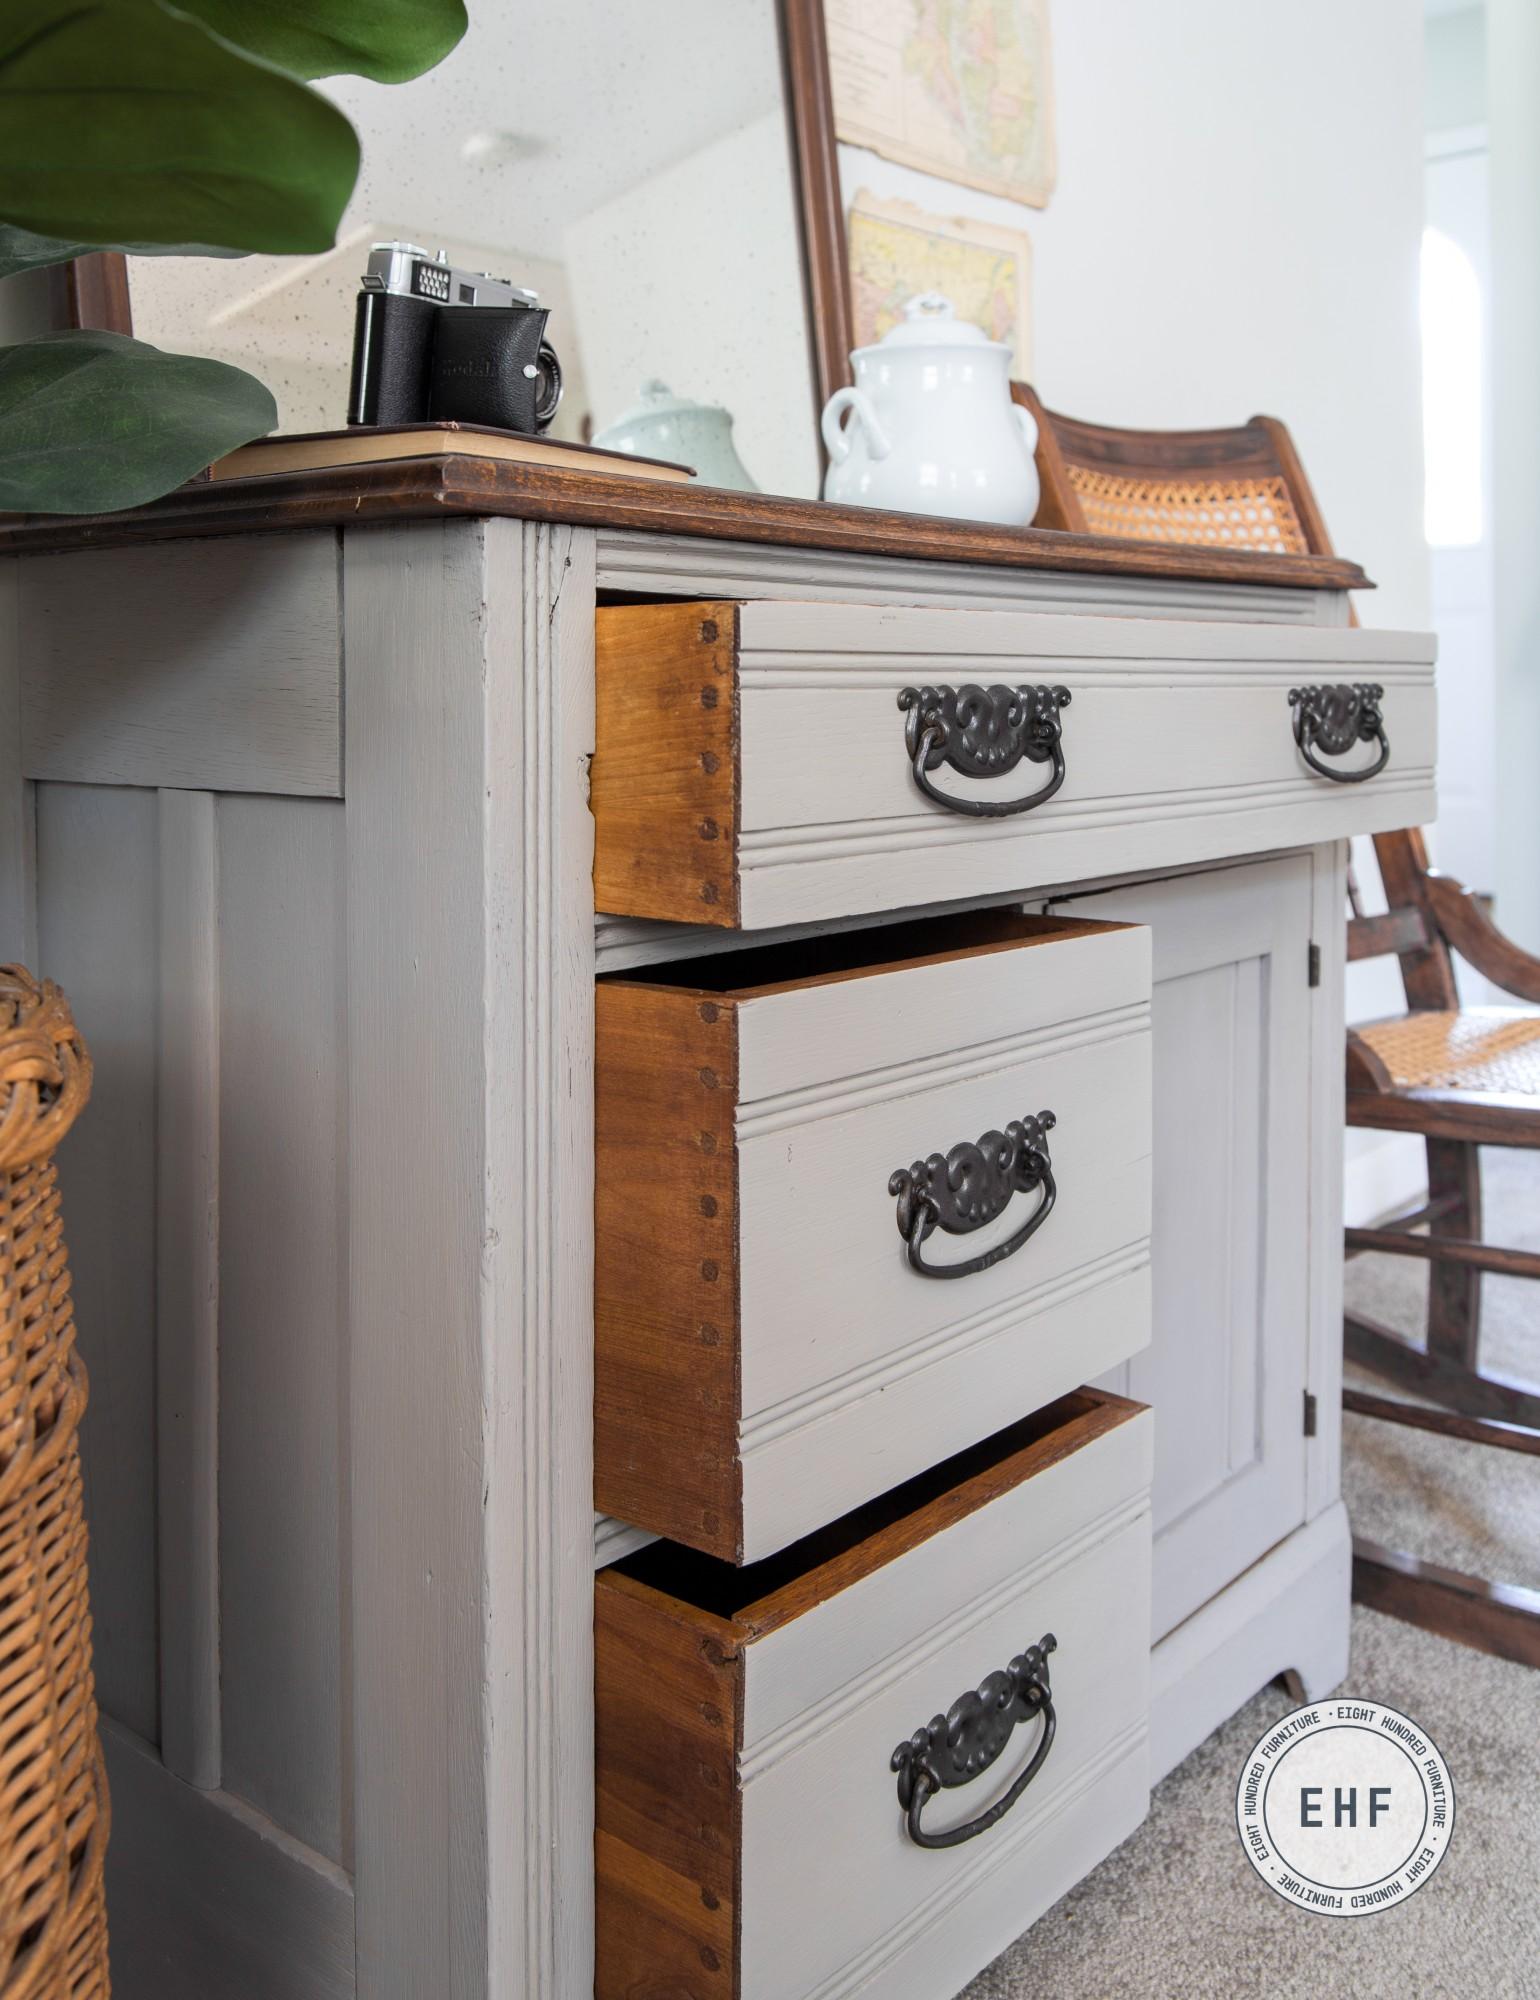 Dowel joinery on Eastlake oak washstand in Schloss by MMS Milk Paint